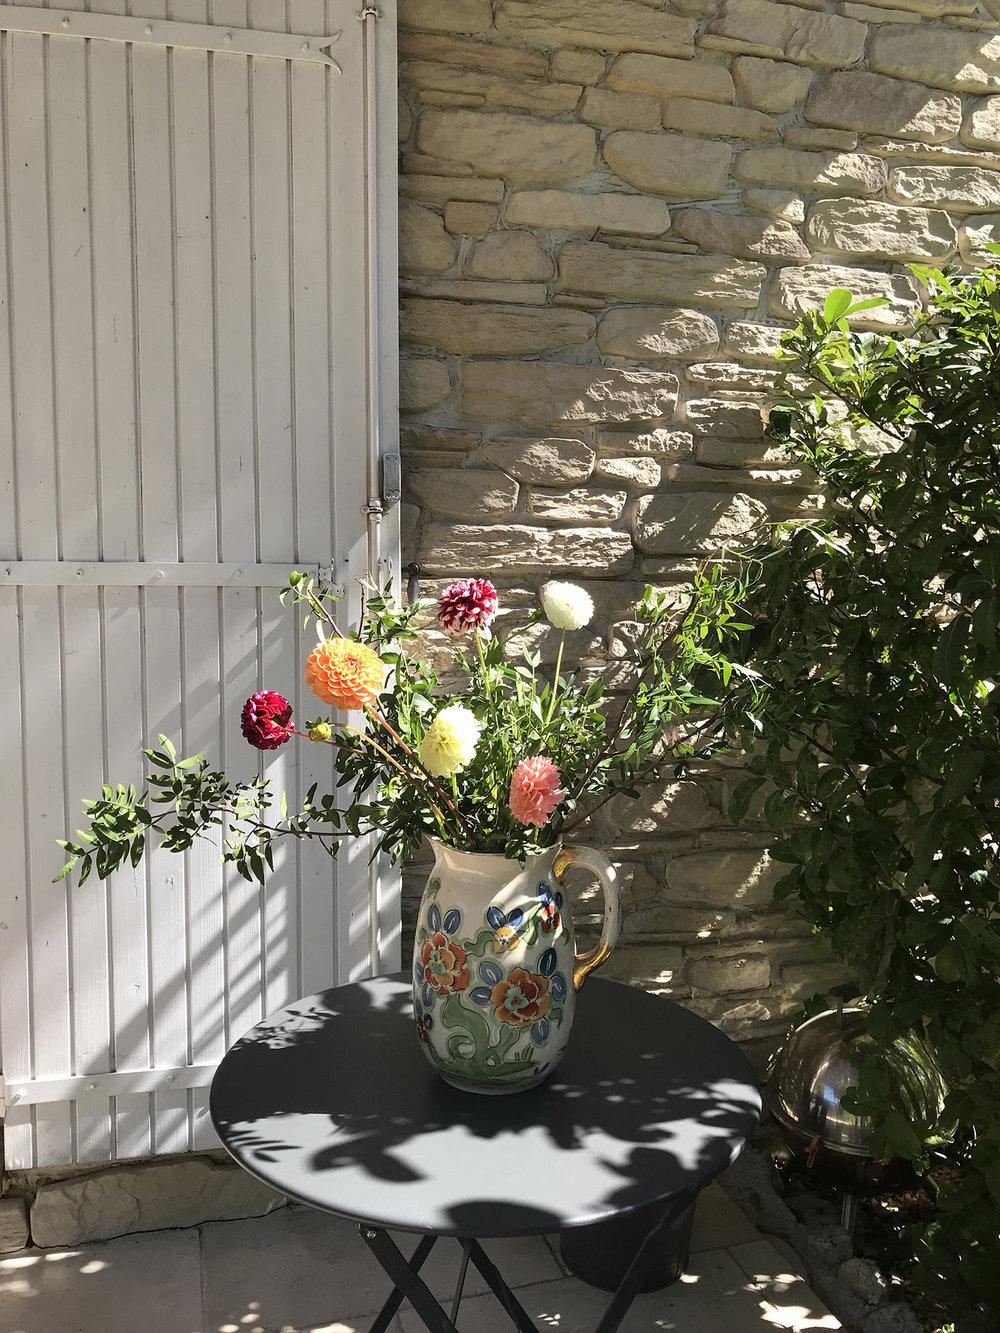 La bergerie pradel_studio garden view26.jpg